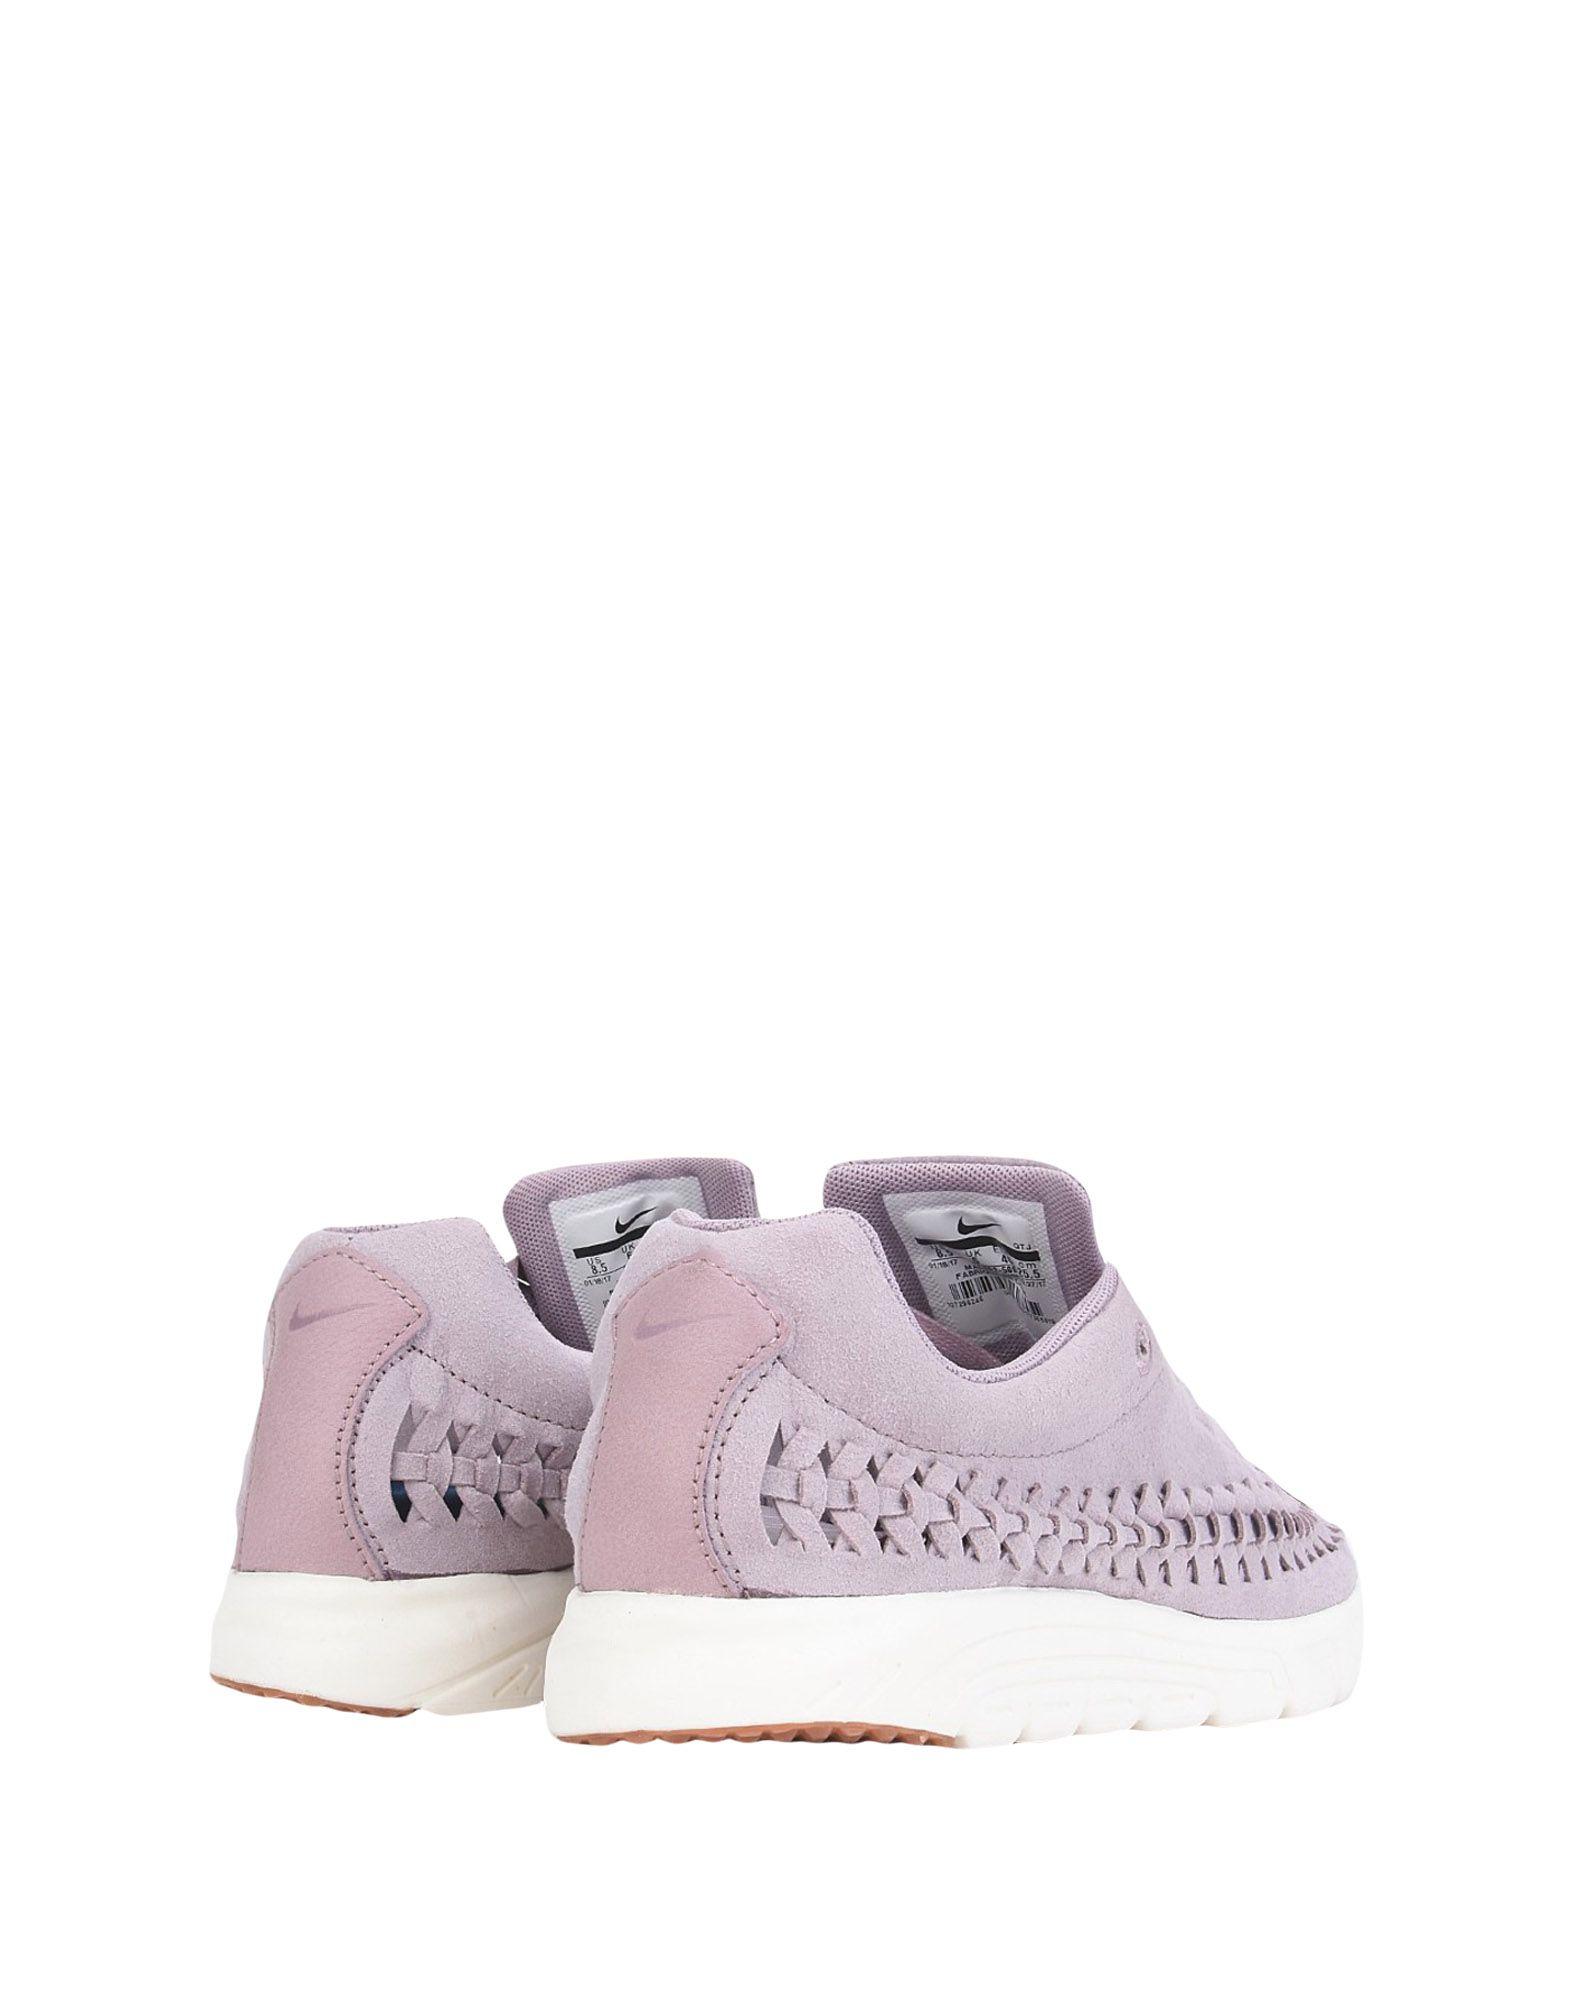 Nike  Mayfly  Woven  Mayfly 11316955PO  3b0981